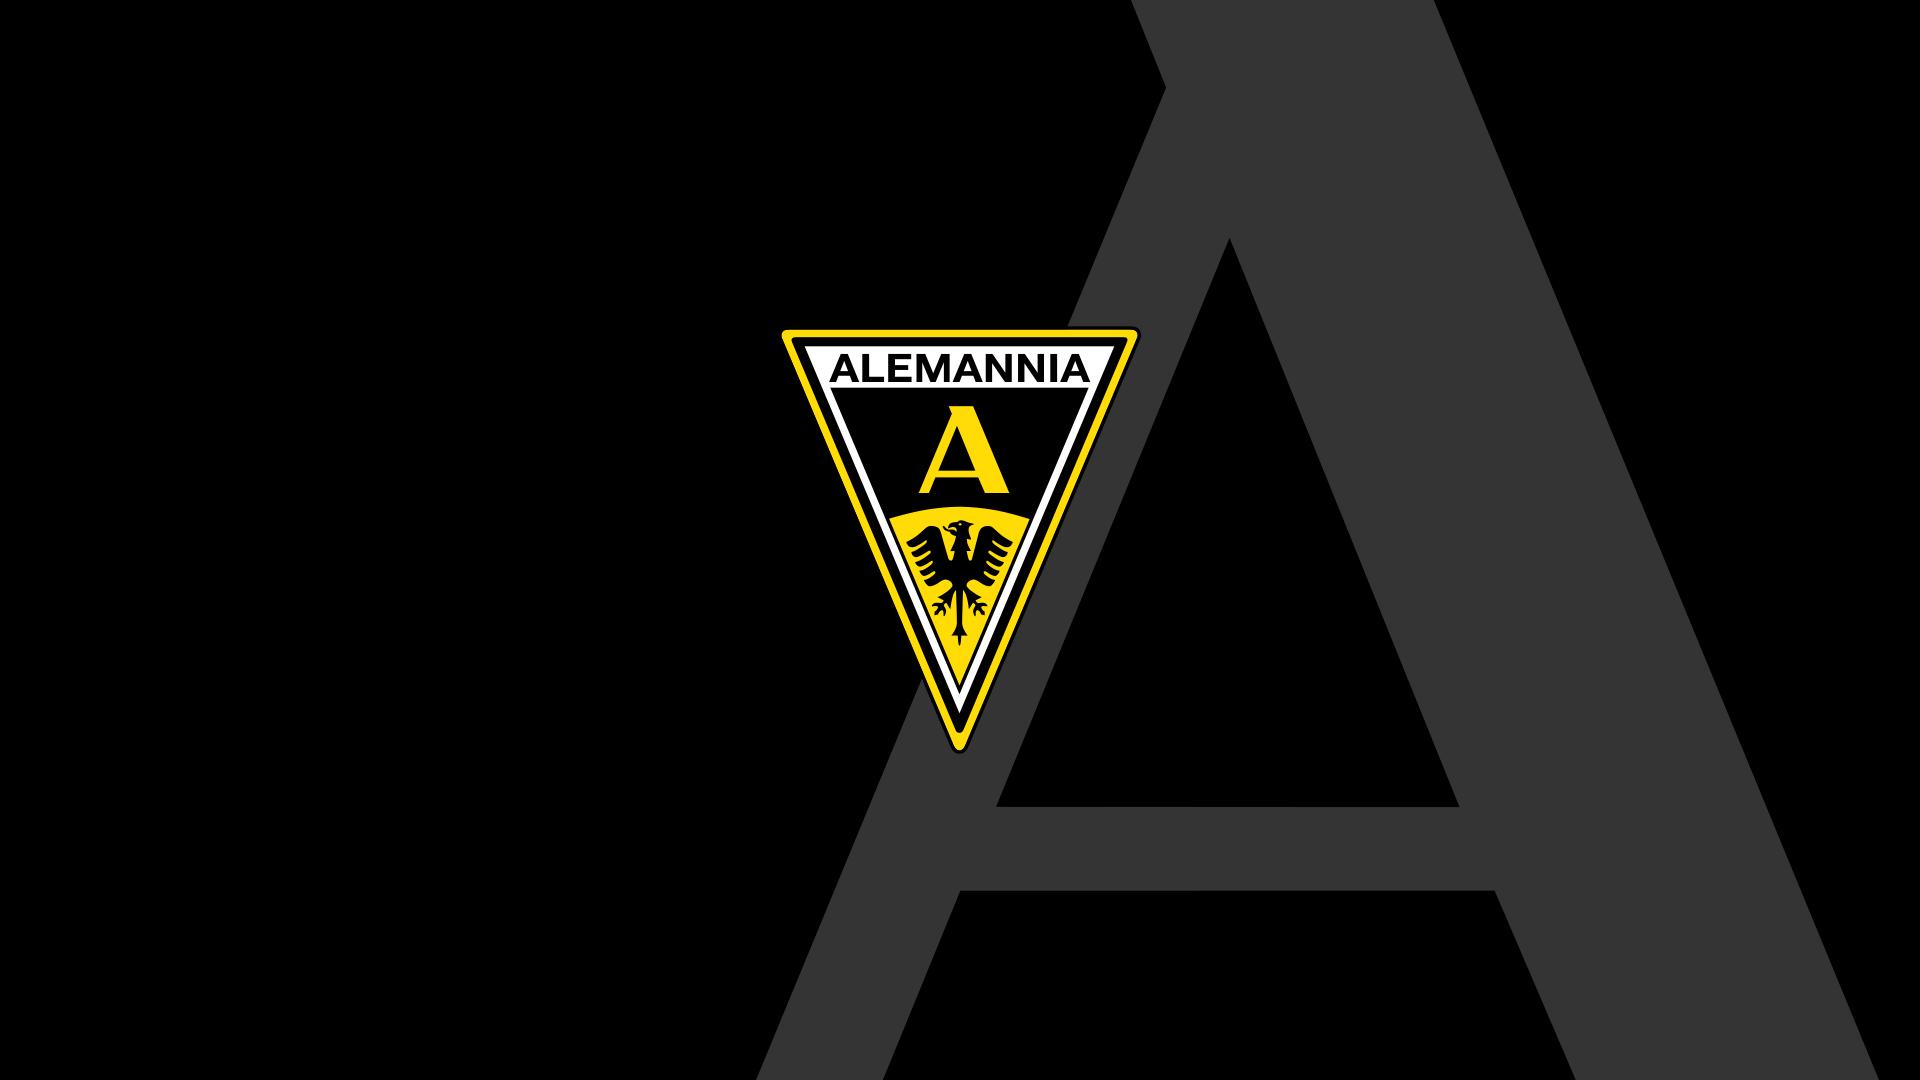 Das Alemannia Aachen Logo auf dem stilisiertem Traditions-A.